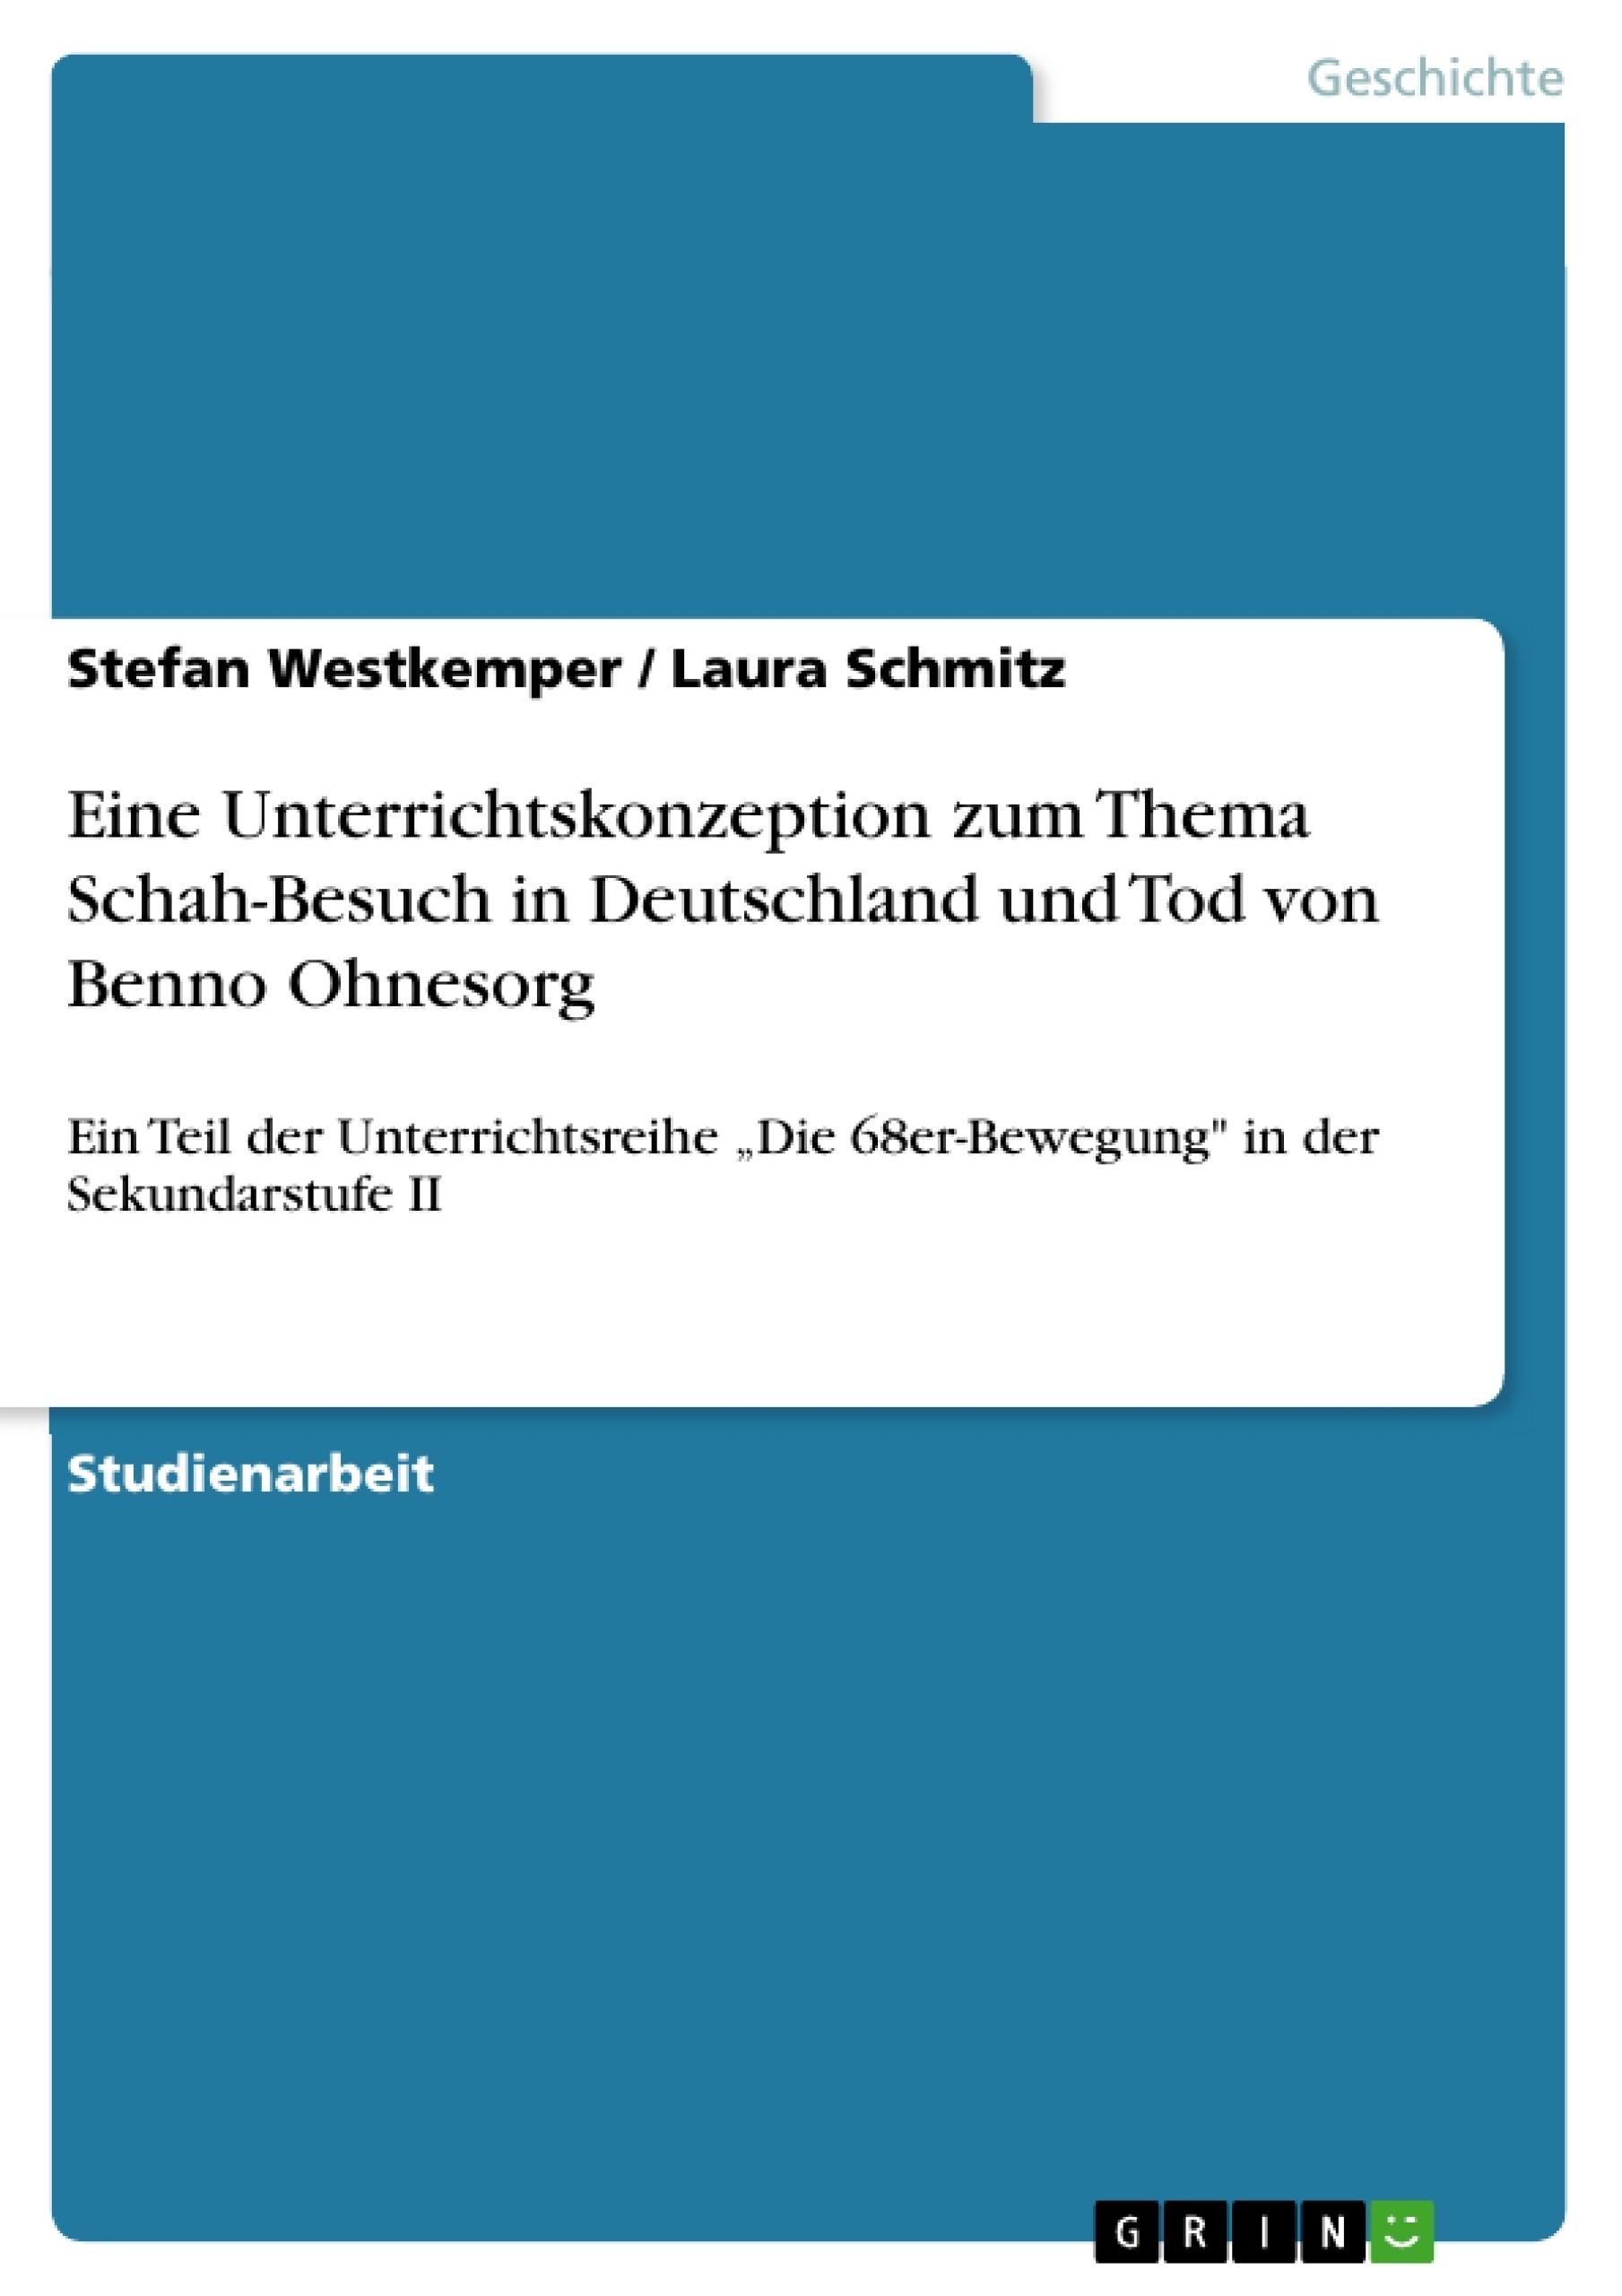 Titel: Eine Unterrichtskonzeption zum Thema Schah-Besuch in Deutschland und Tod von Benno Ohnesorg